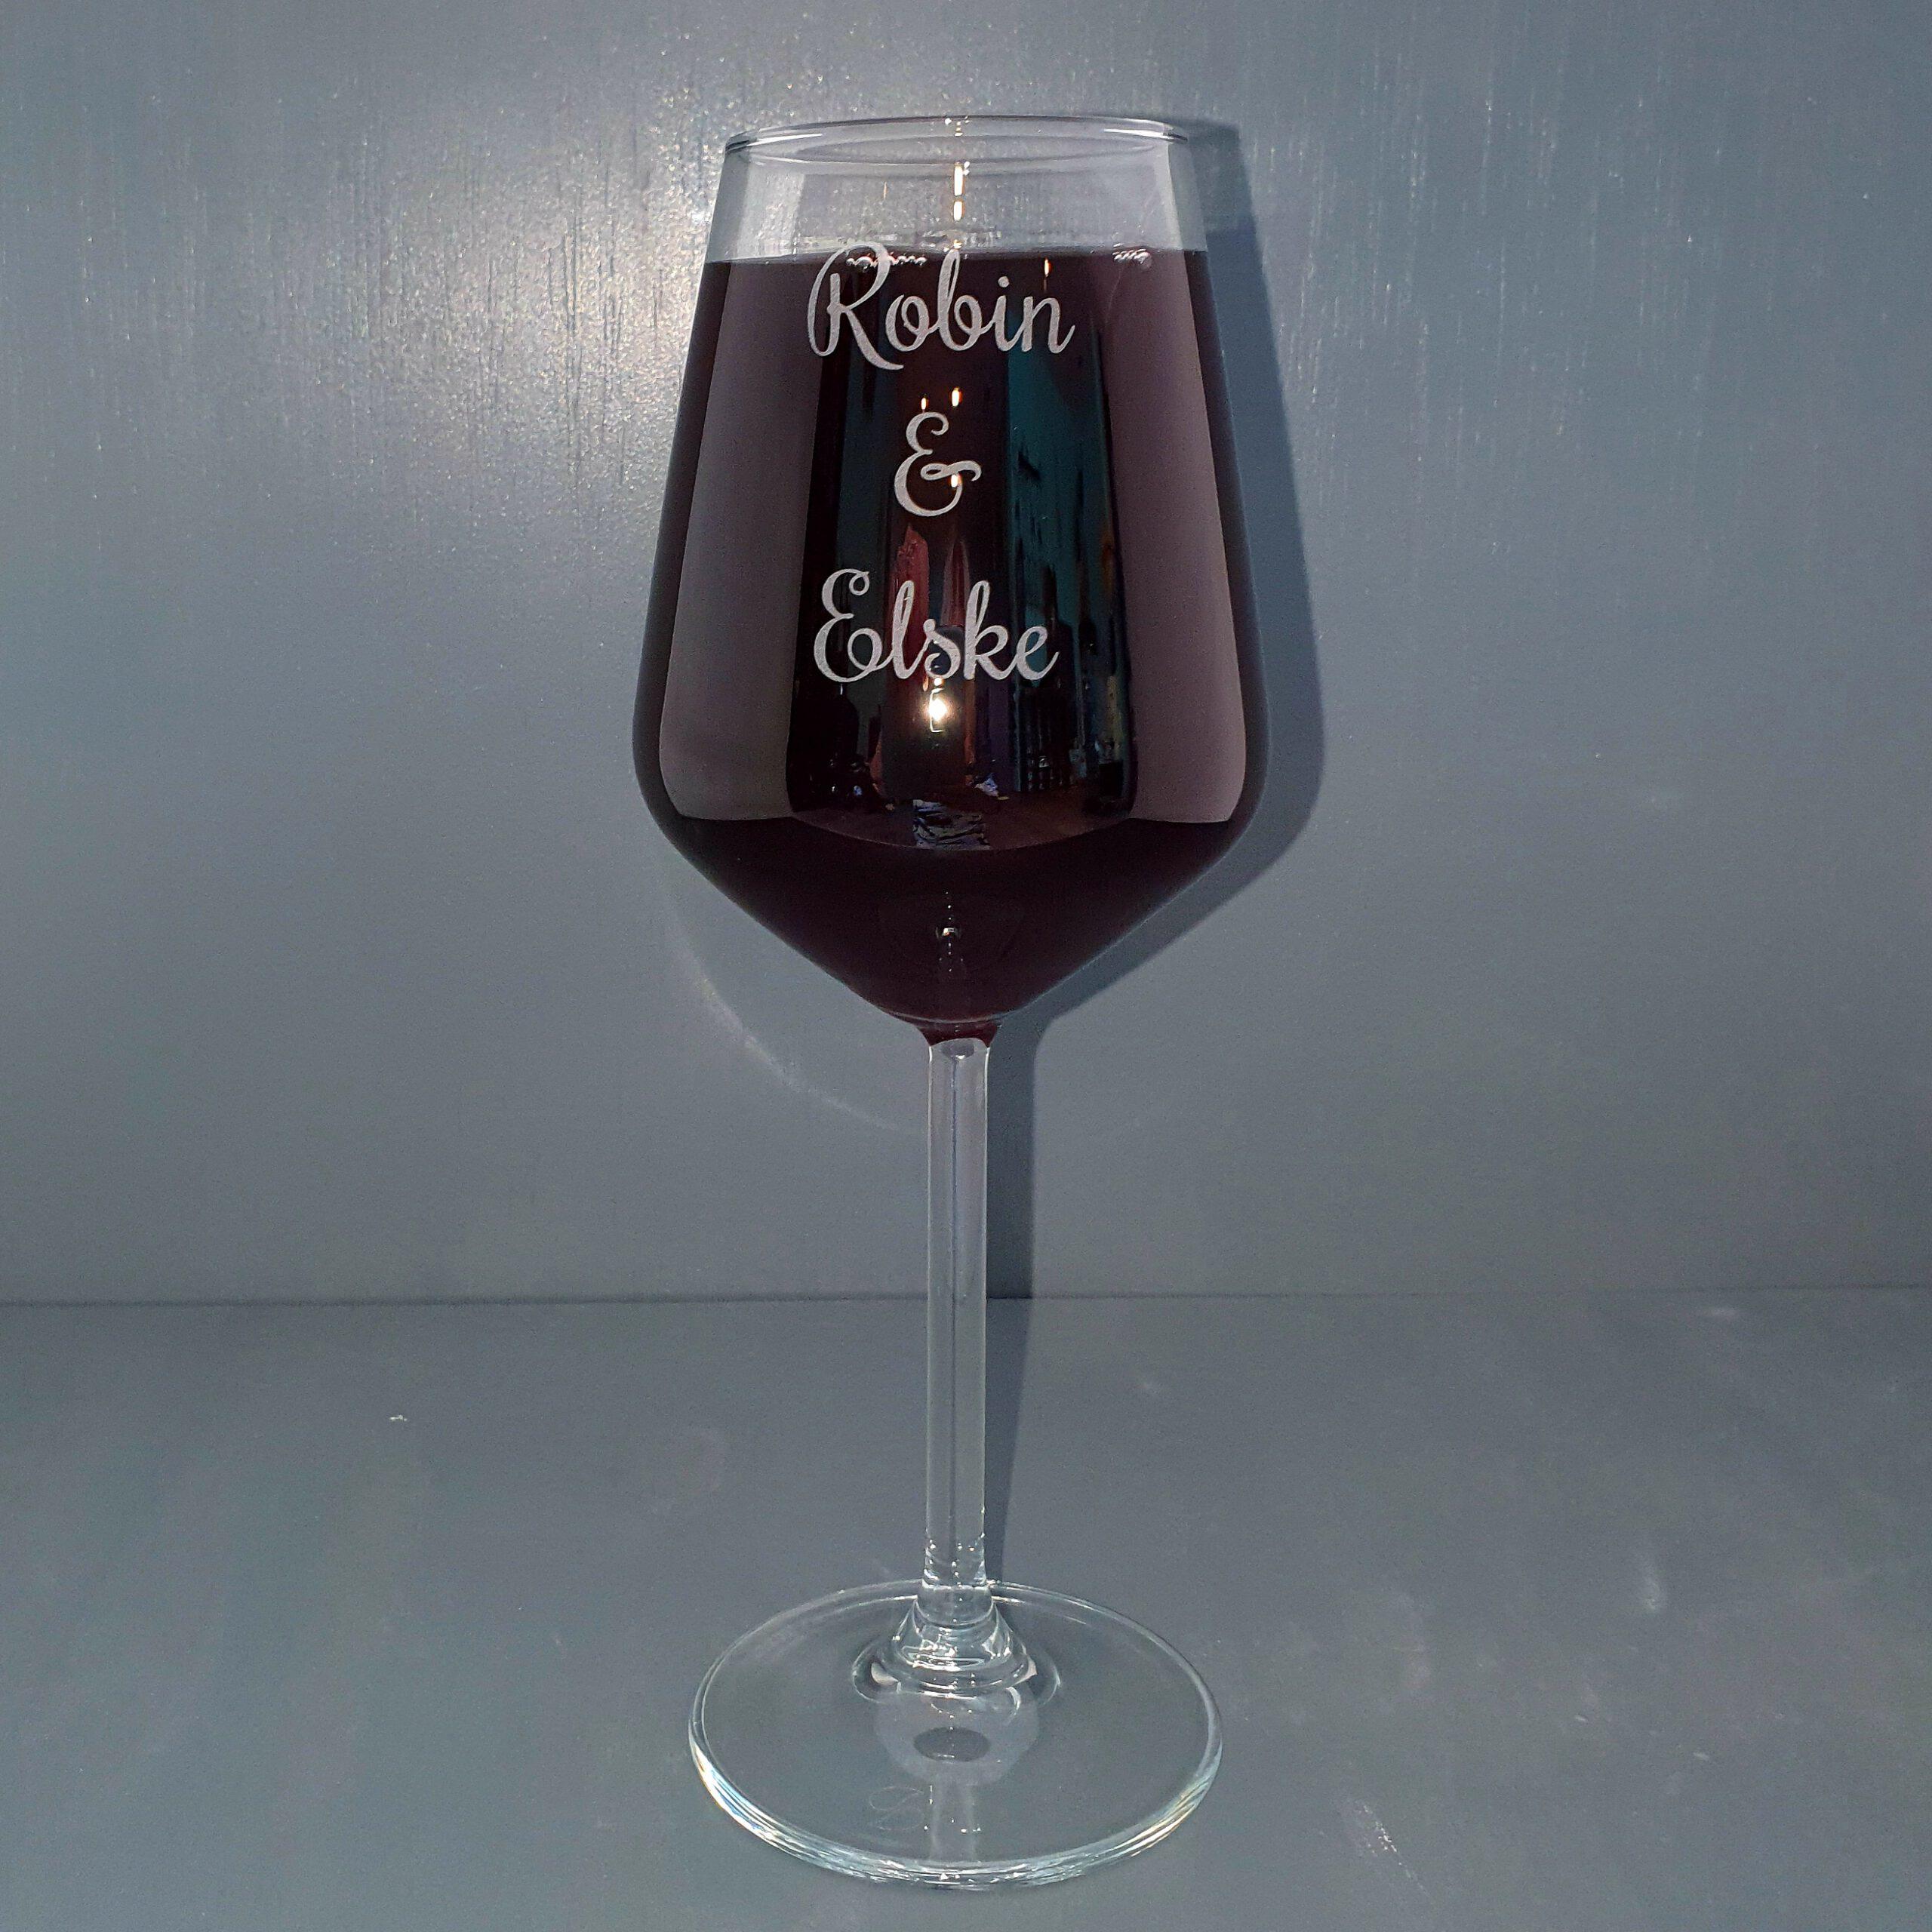 wijnglas-met-namen-gegraveerd